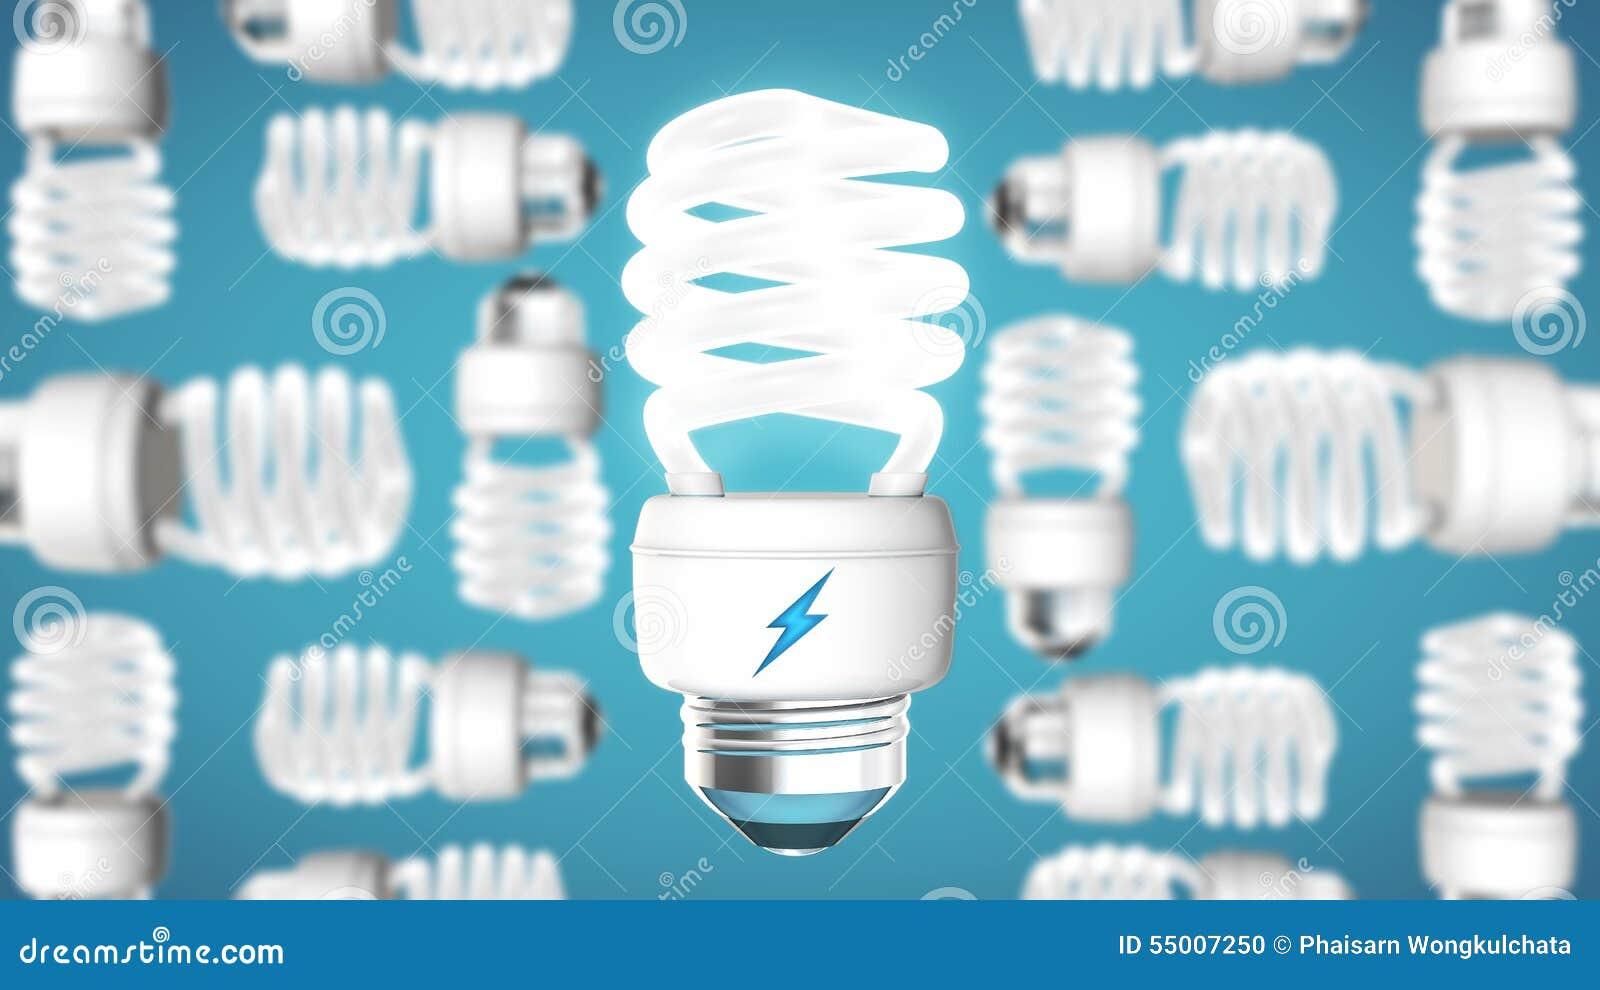 Aver bulb on modern blue background.